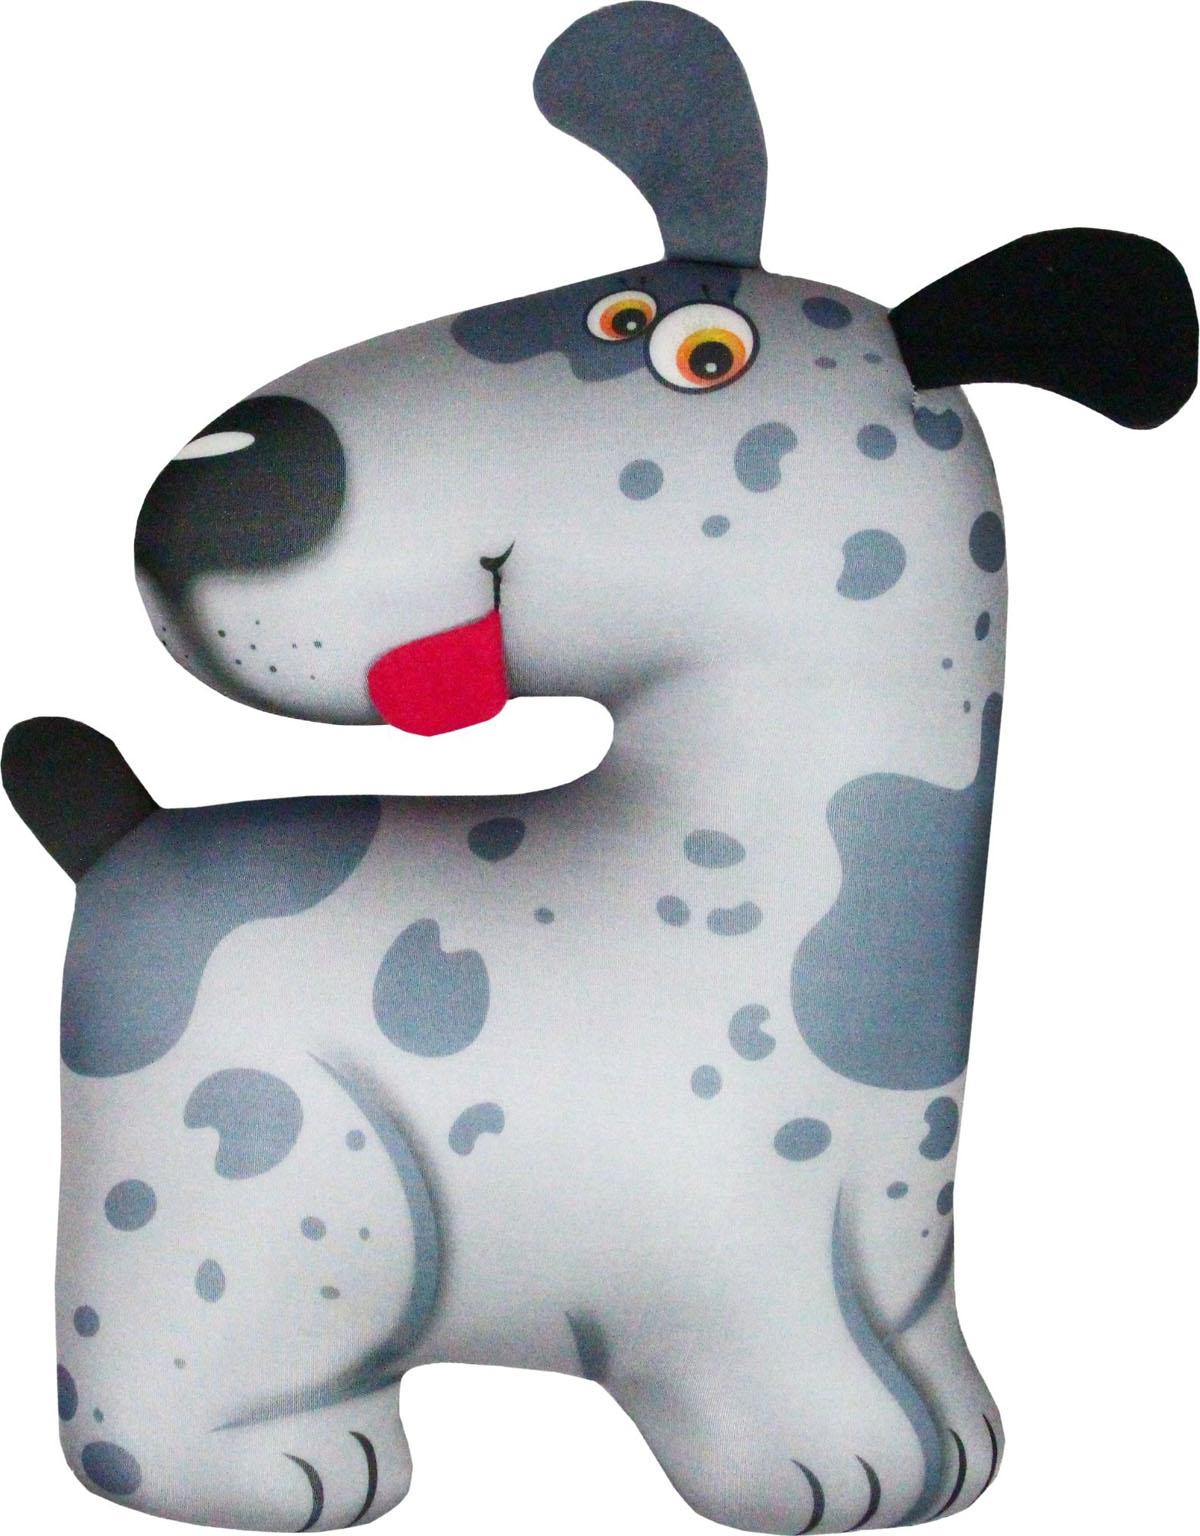 Подушка для шеи Антистрессовая игрушка-турист Пятнышко, светло-серый наконечник уют d20 2шт глобо бронза ост